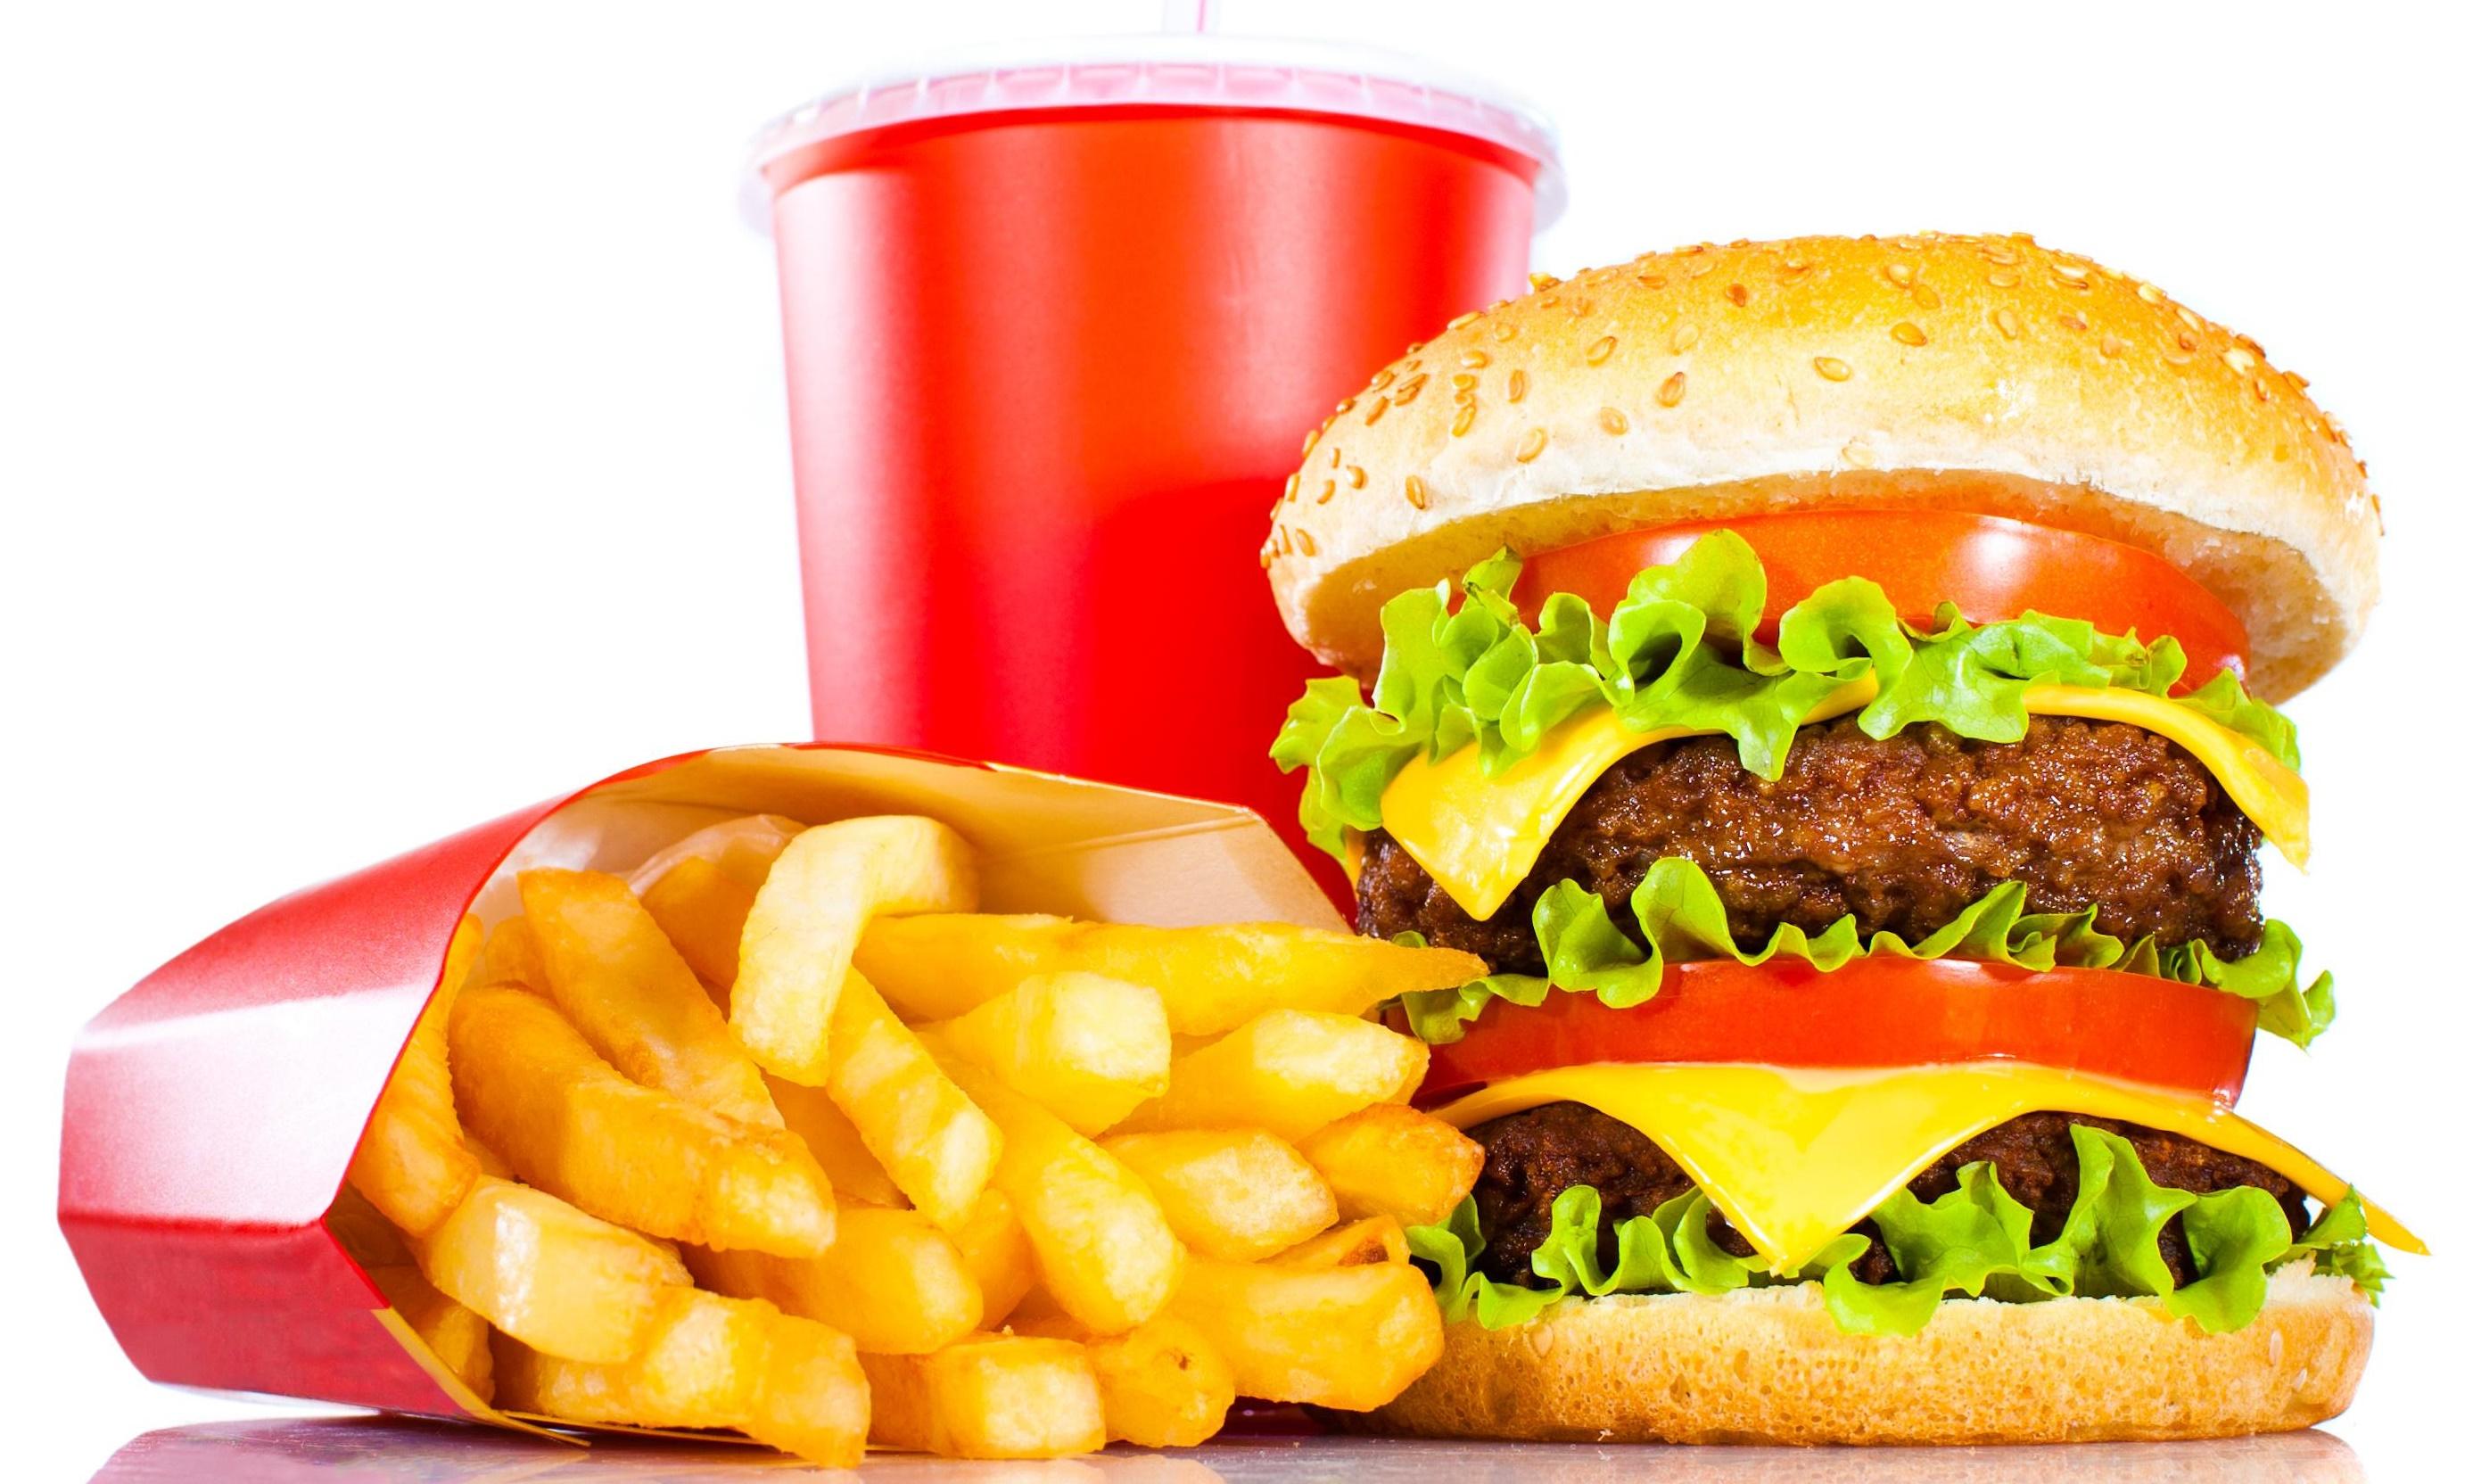 McDonald's czy Burger King? Sprawdź, do którego z nich szybciej trafisz! McDonald's 5851279 fastfood crop